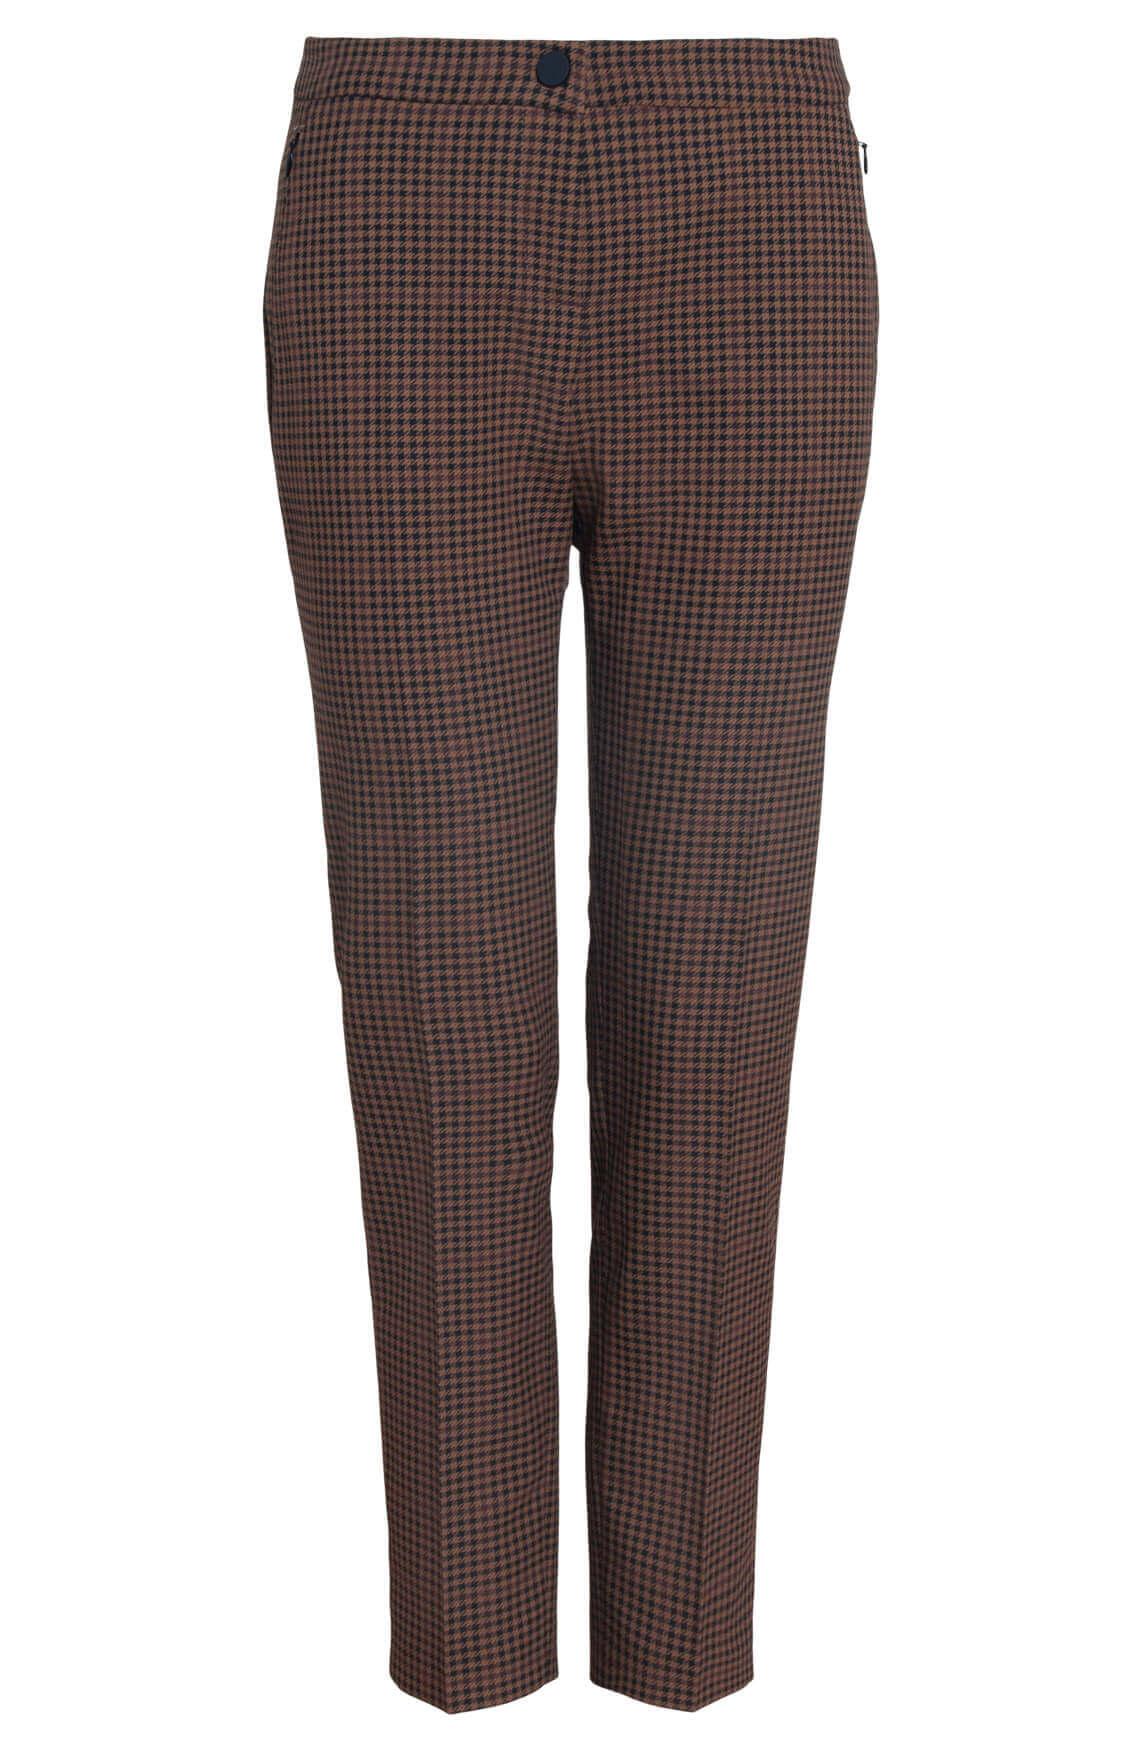 Rosner Dames L30 Alisa geruite pantalon Bruin